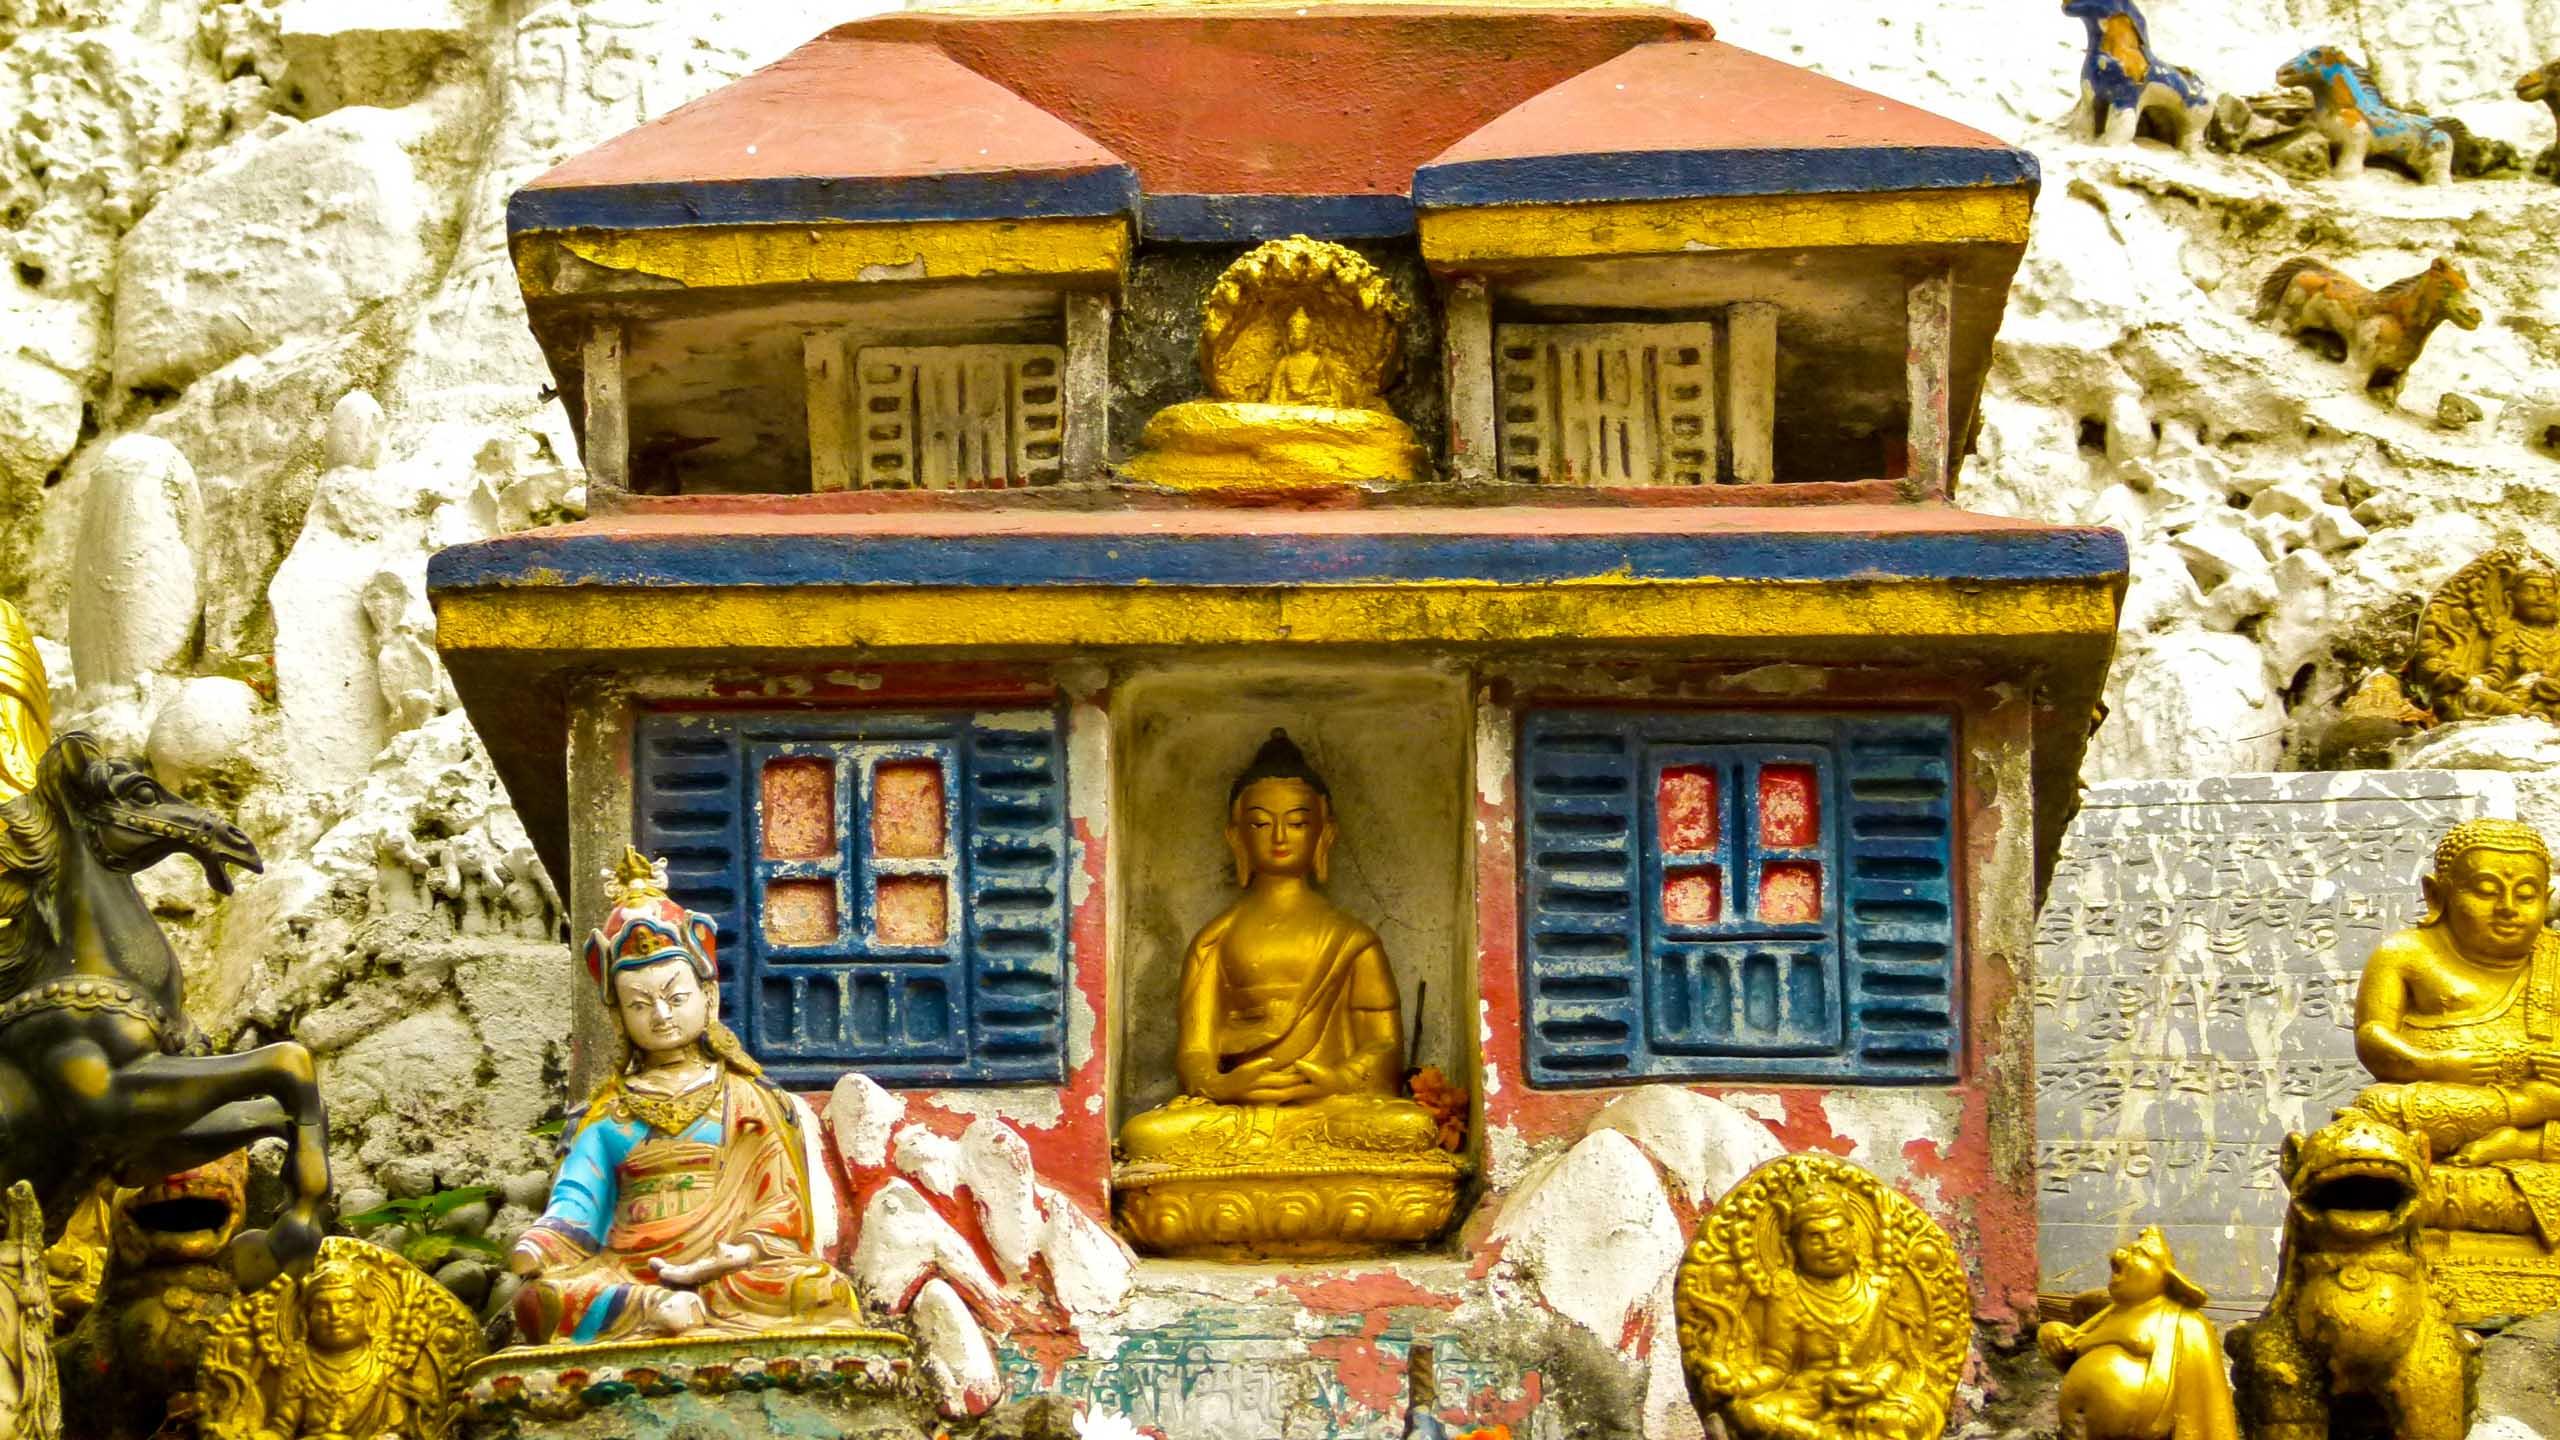 Buddha statuette in Nepal